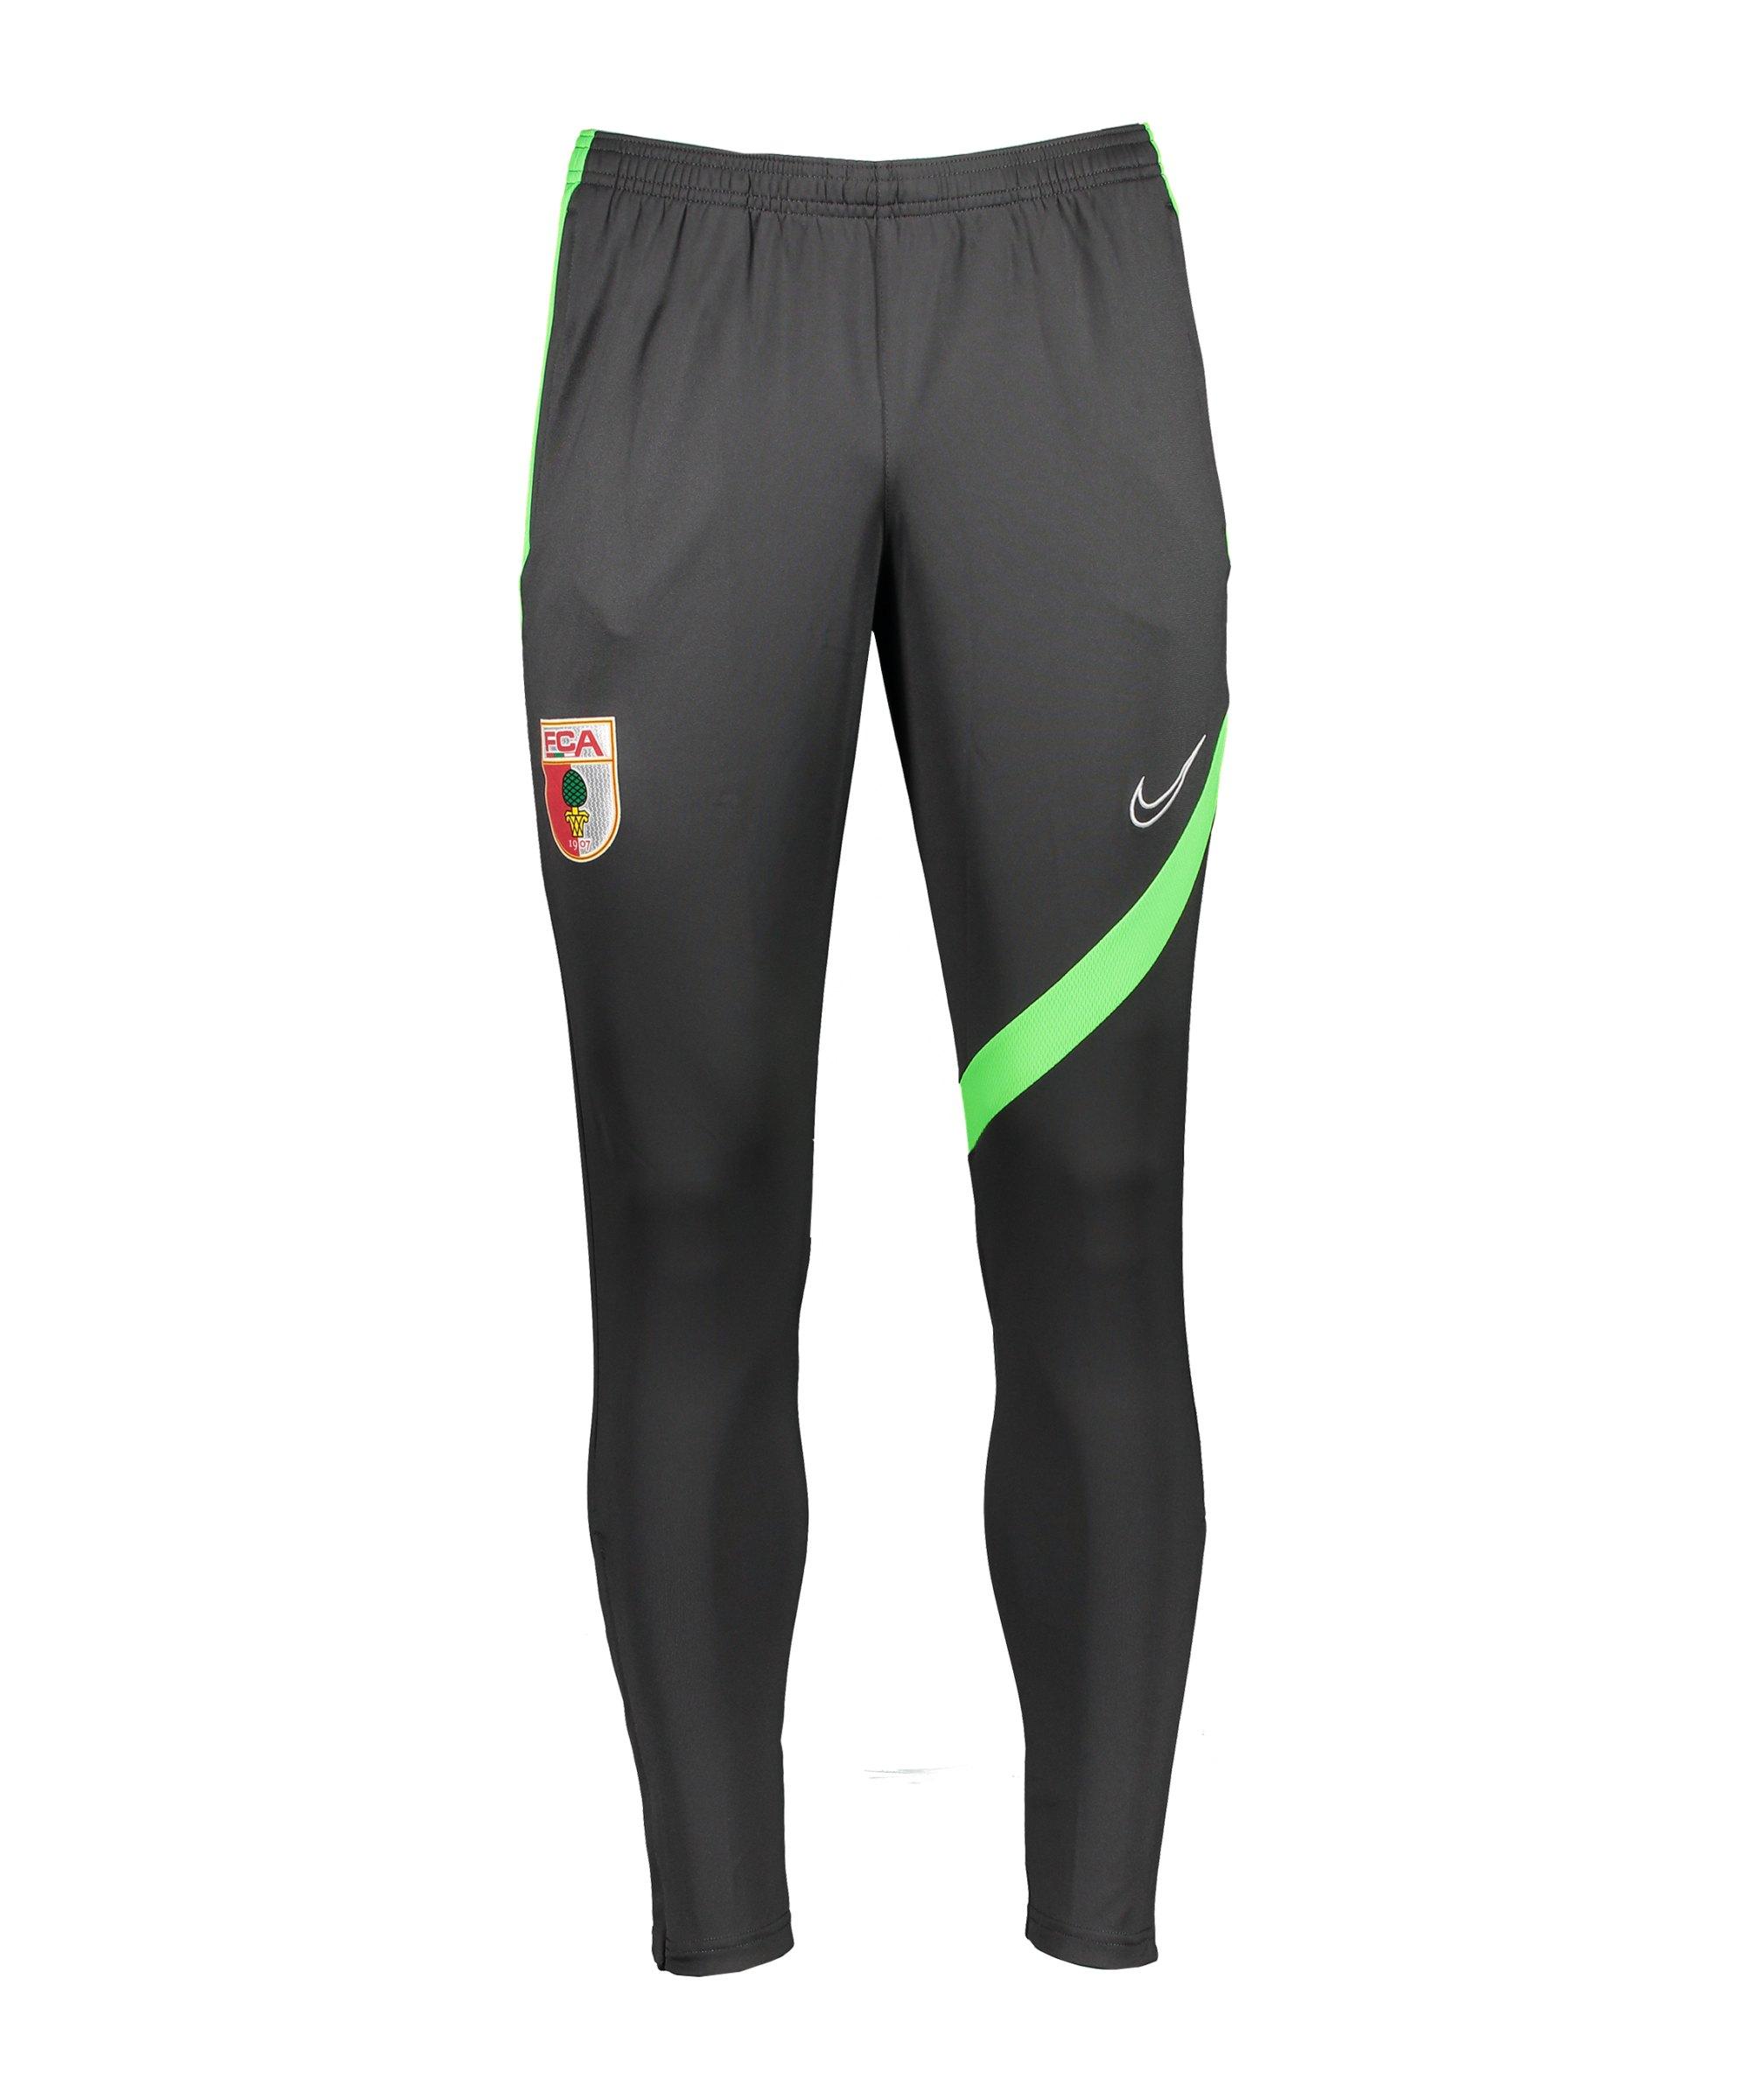 Nike FC Augsburg Trainingshose Grau F064 - grau